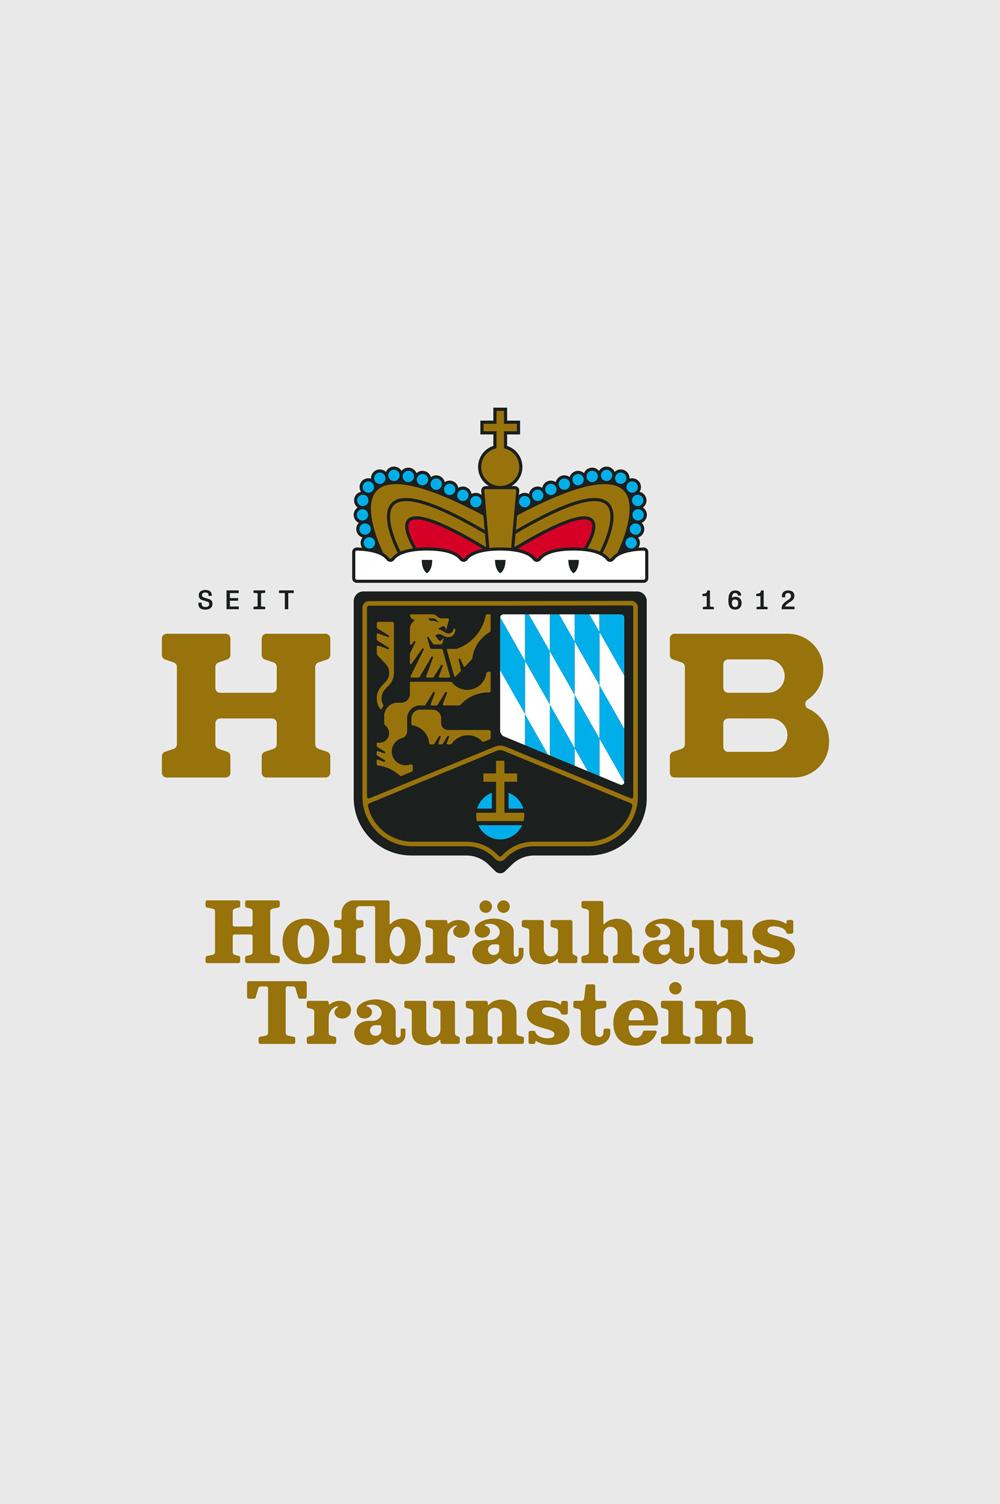 HB_Traunstein_1